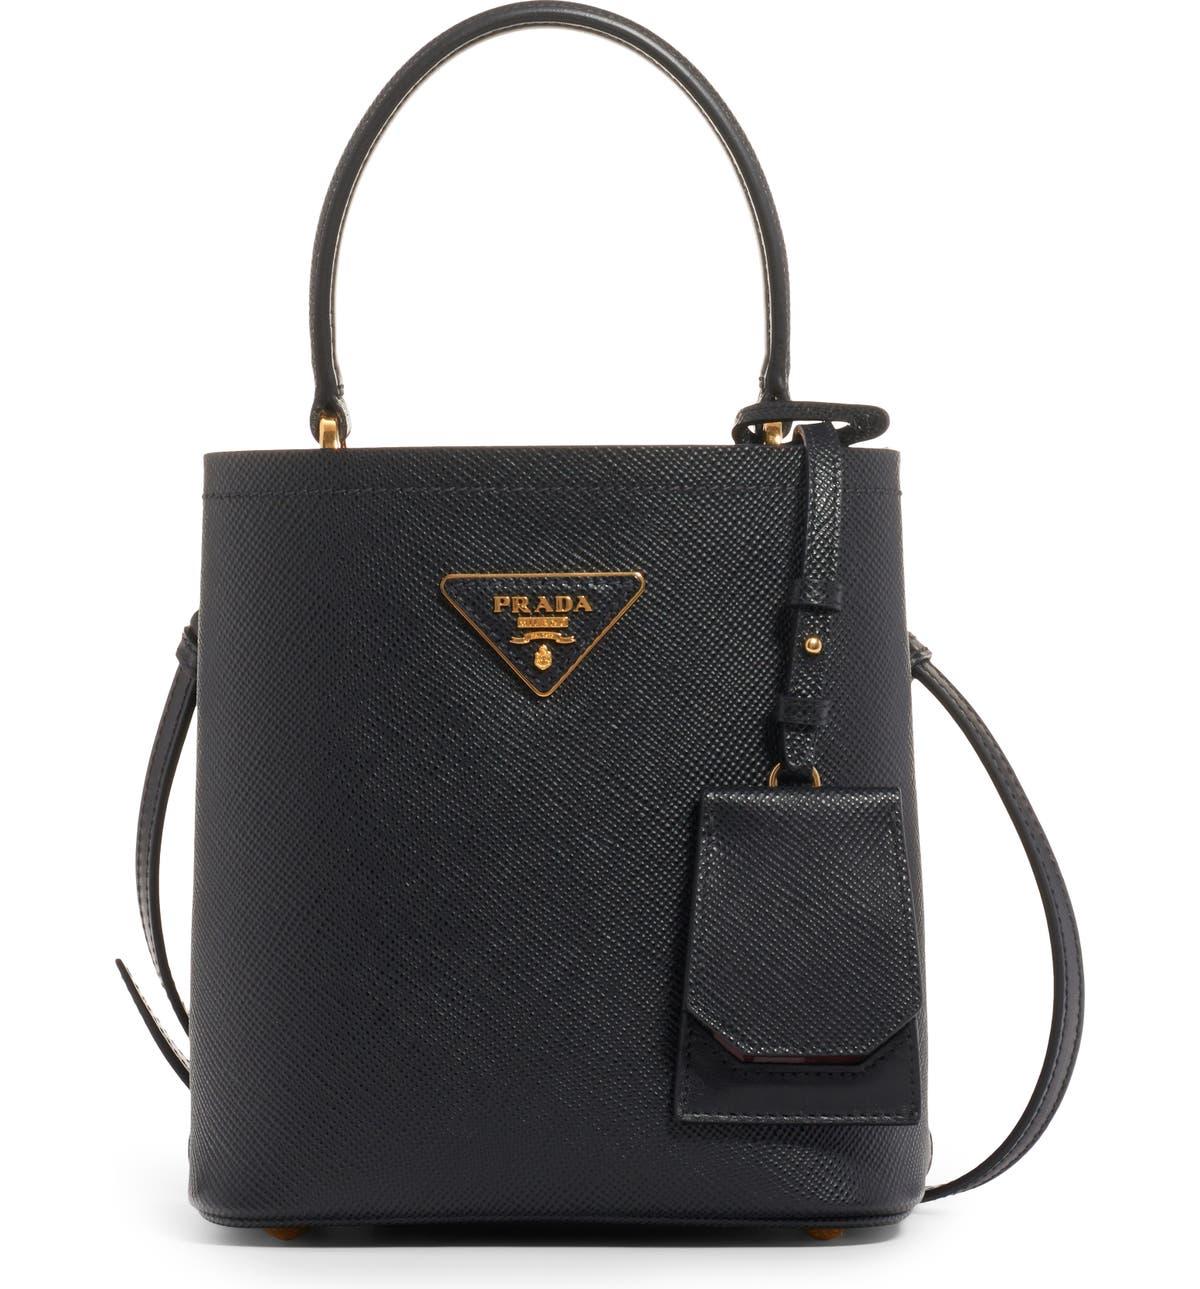 597842e7f042 Prada Small Saffiano Leather Bucket Bag | Nordstrom